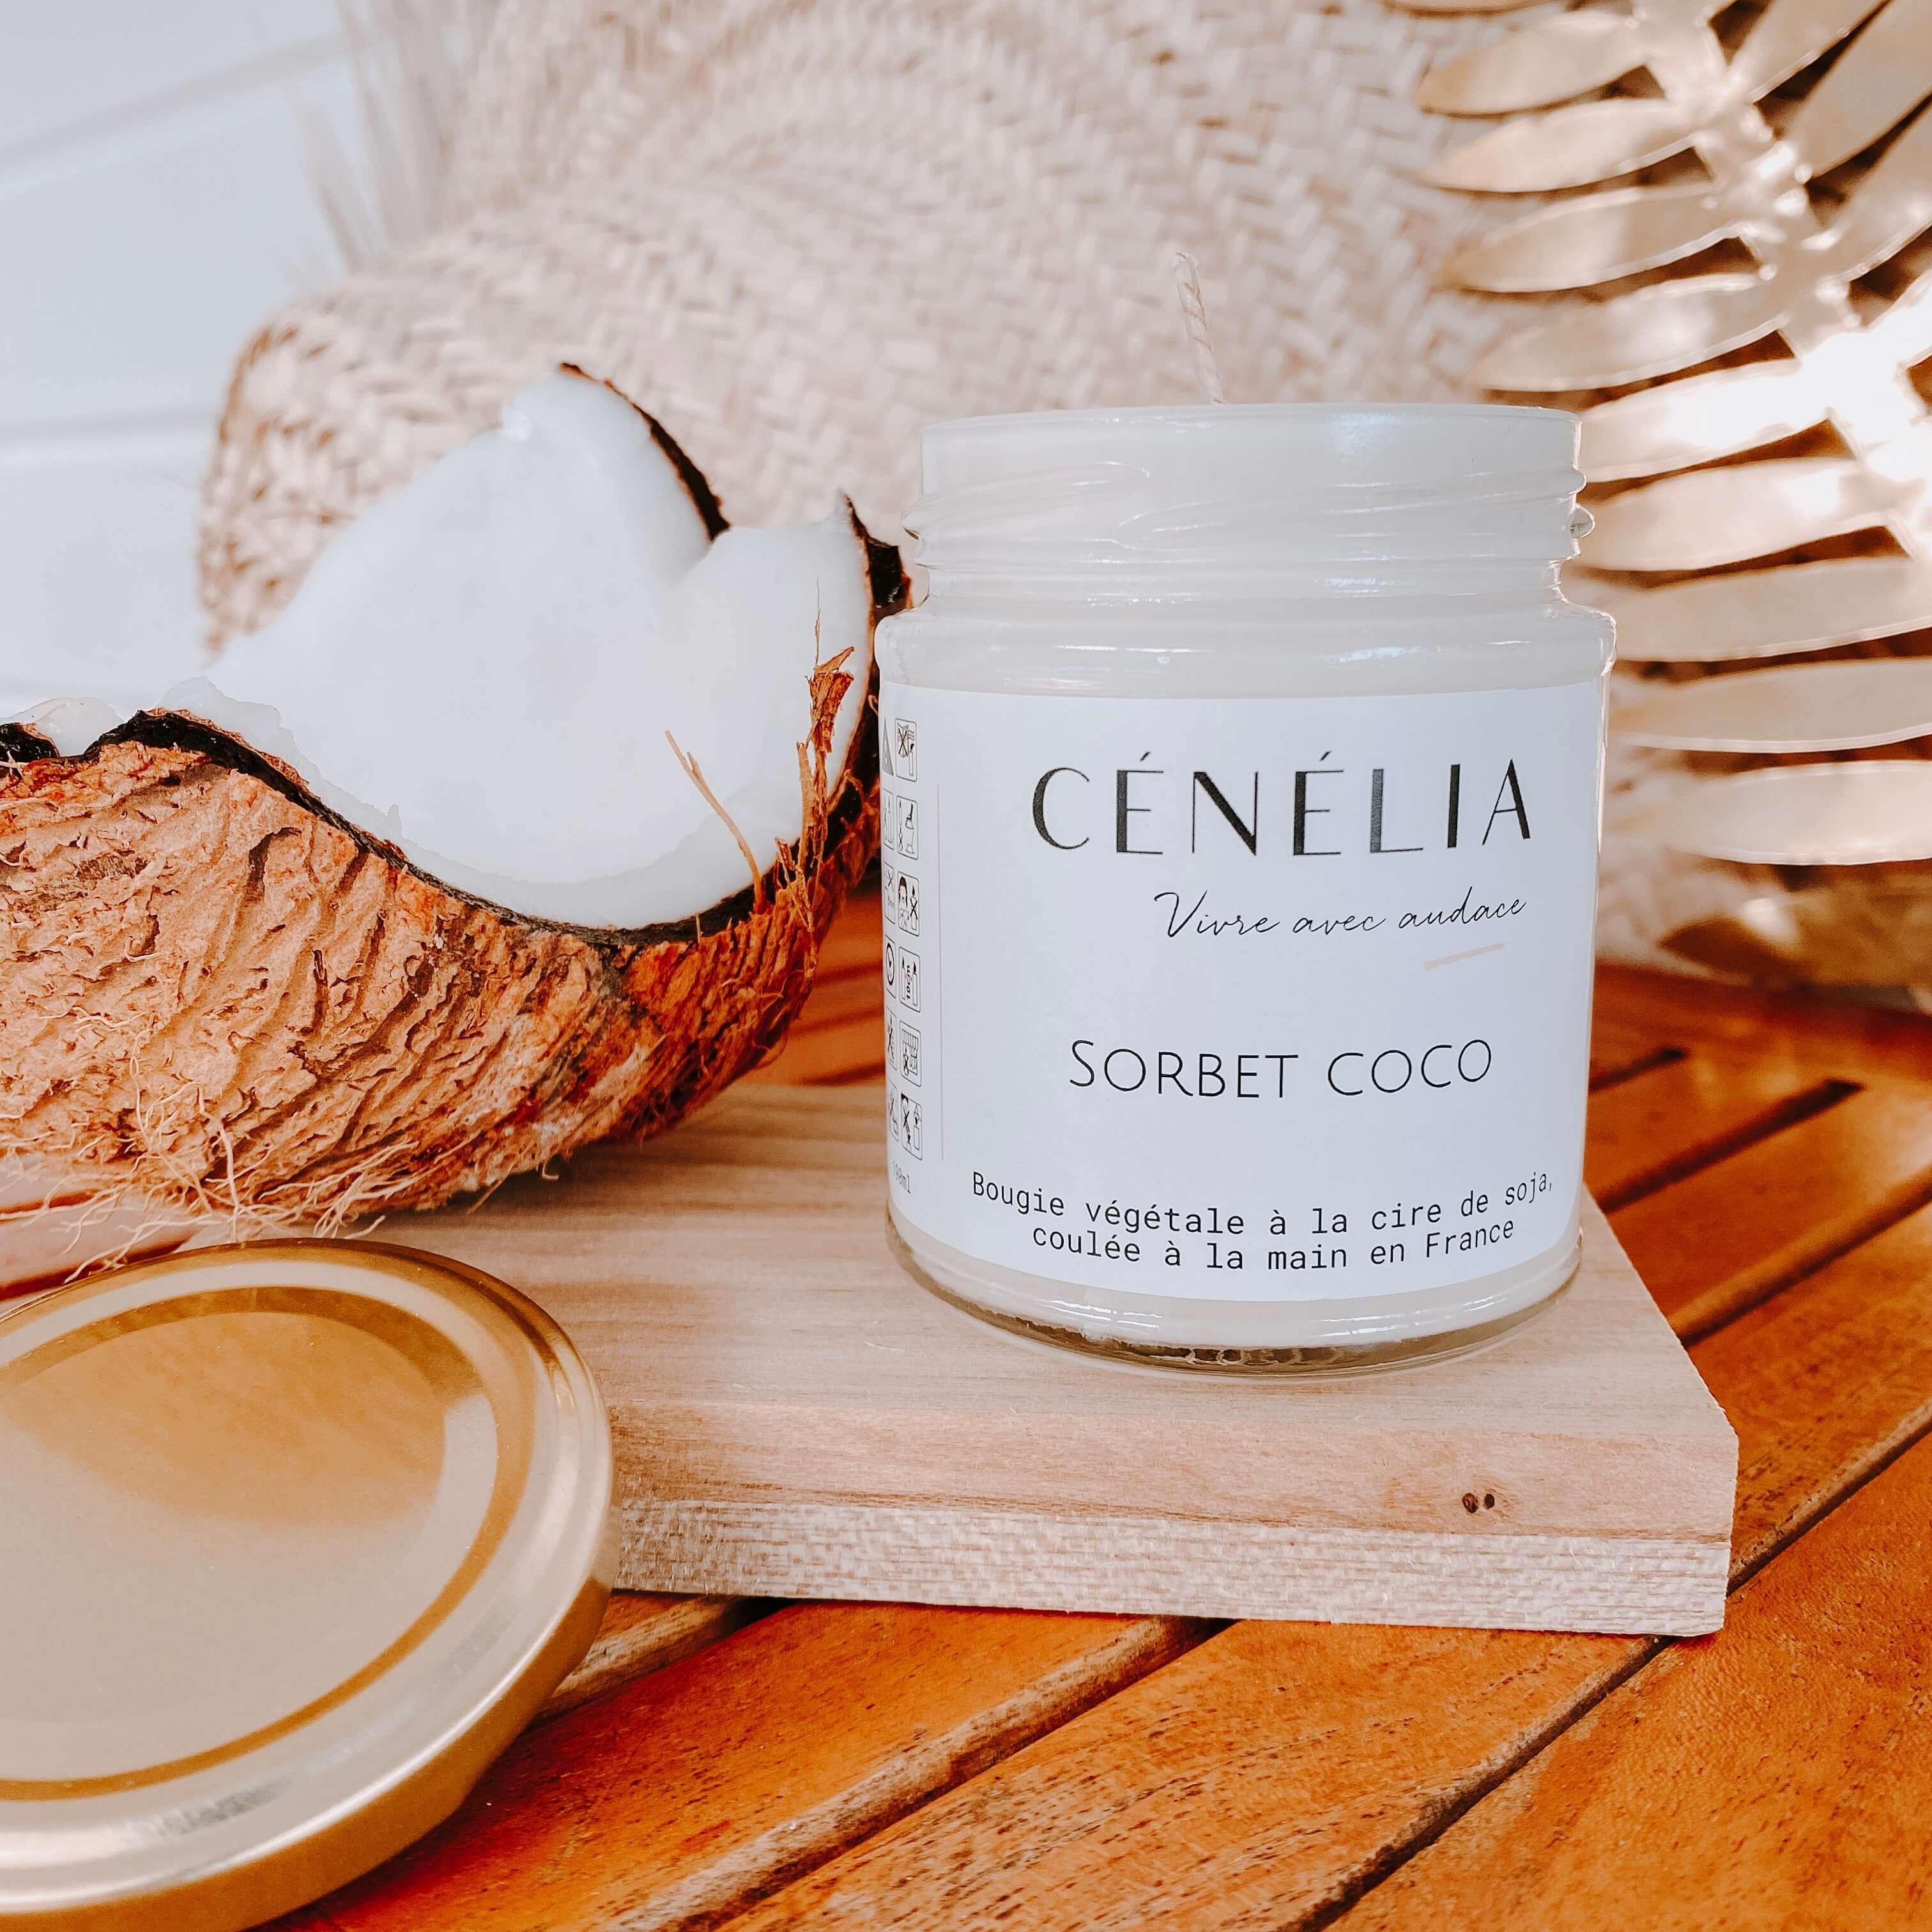 bougie naturelle et parfumée à la noix de coco - Cénélia